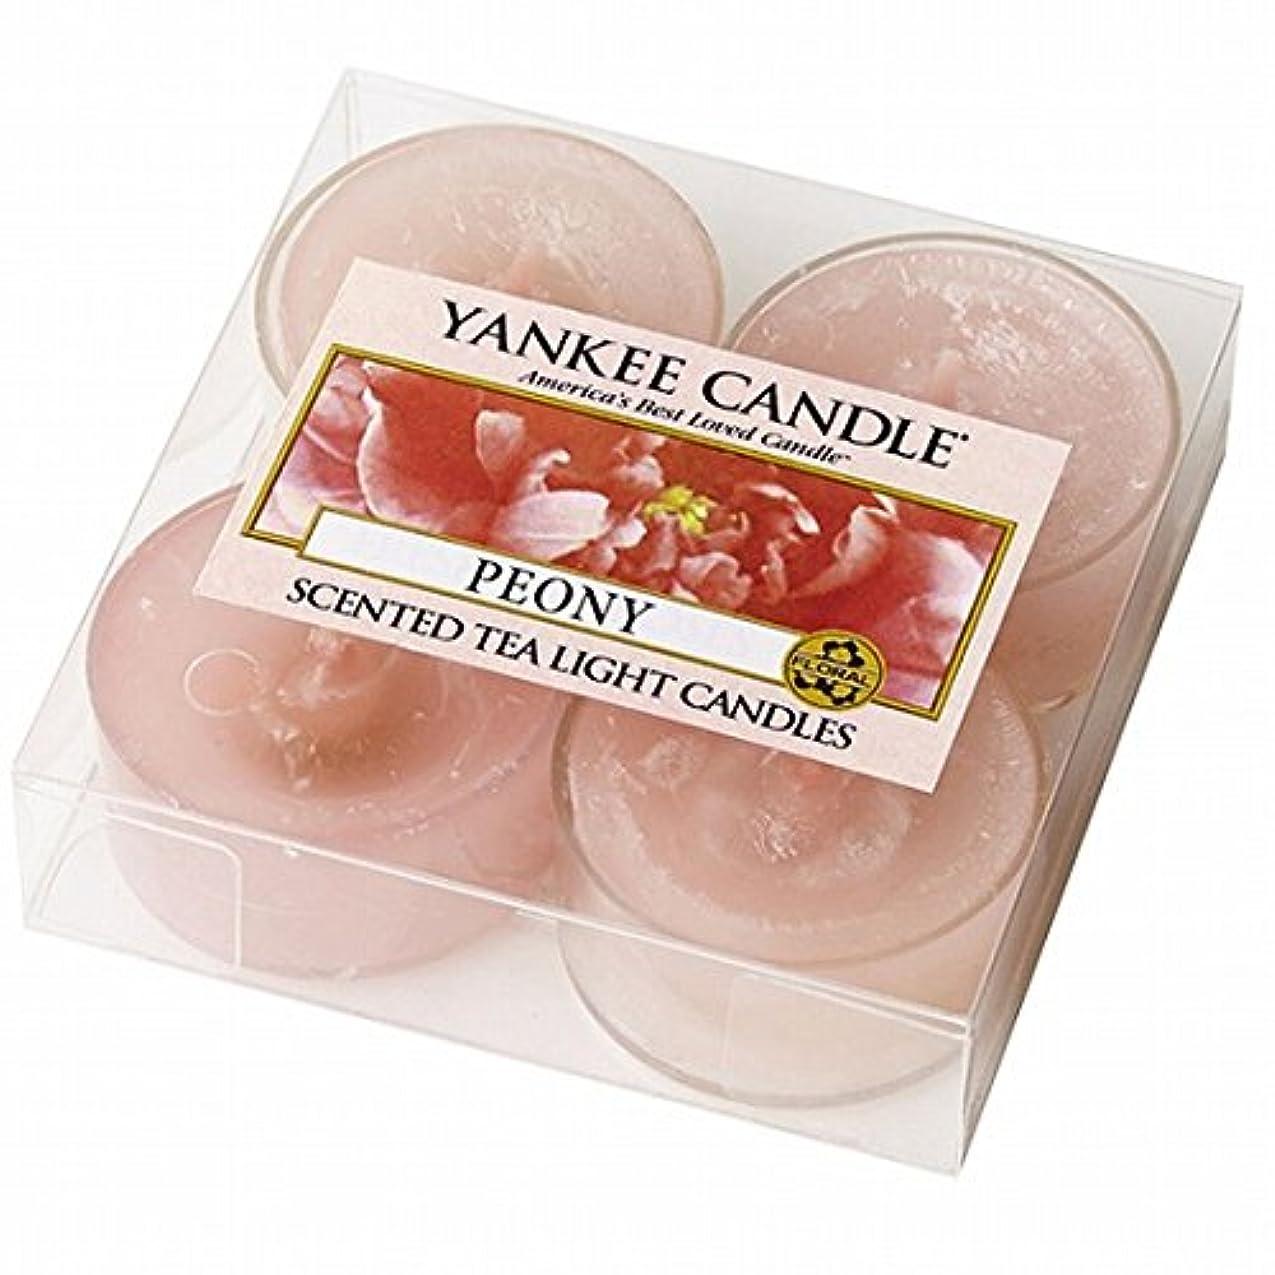 構造強度自分を引き上げるYANKEE CANDLE(ヤンキーキャンドル) YANKEE CANDLE クリアカップティーライト4個入り 「ピオニー」(K00205275)